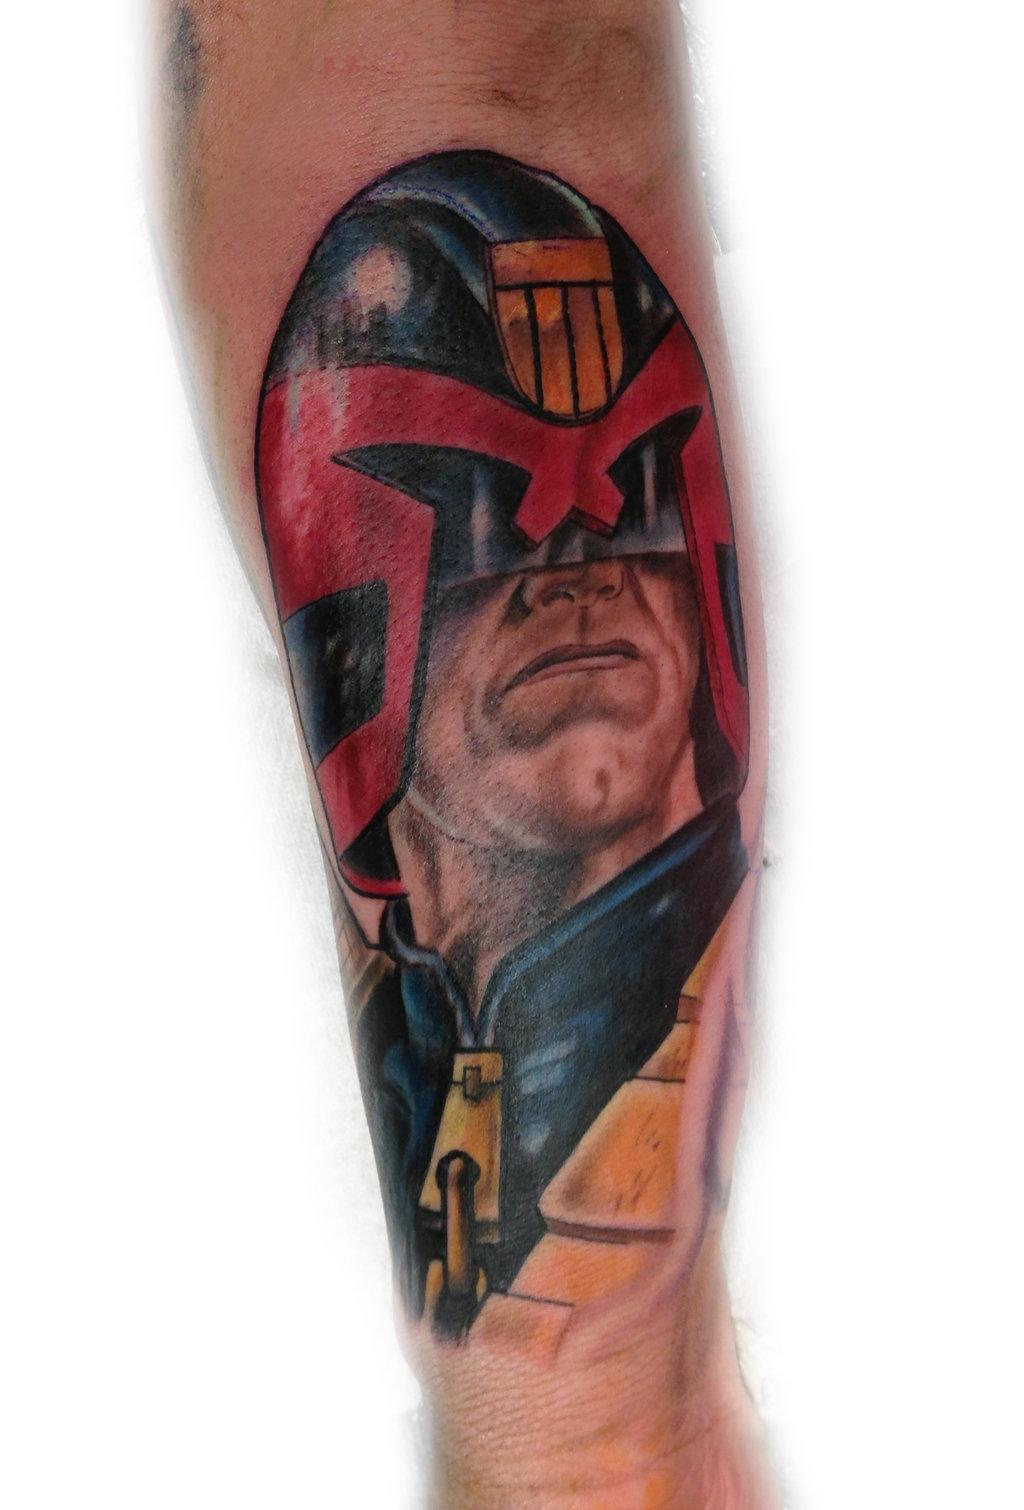 My Dredd Tattoo